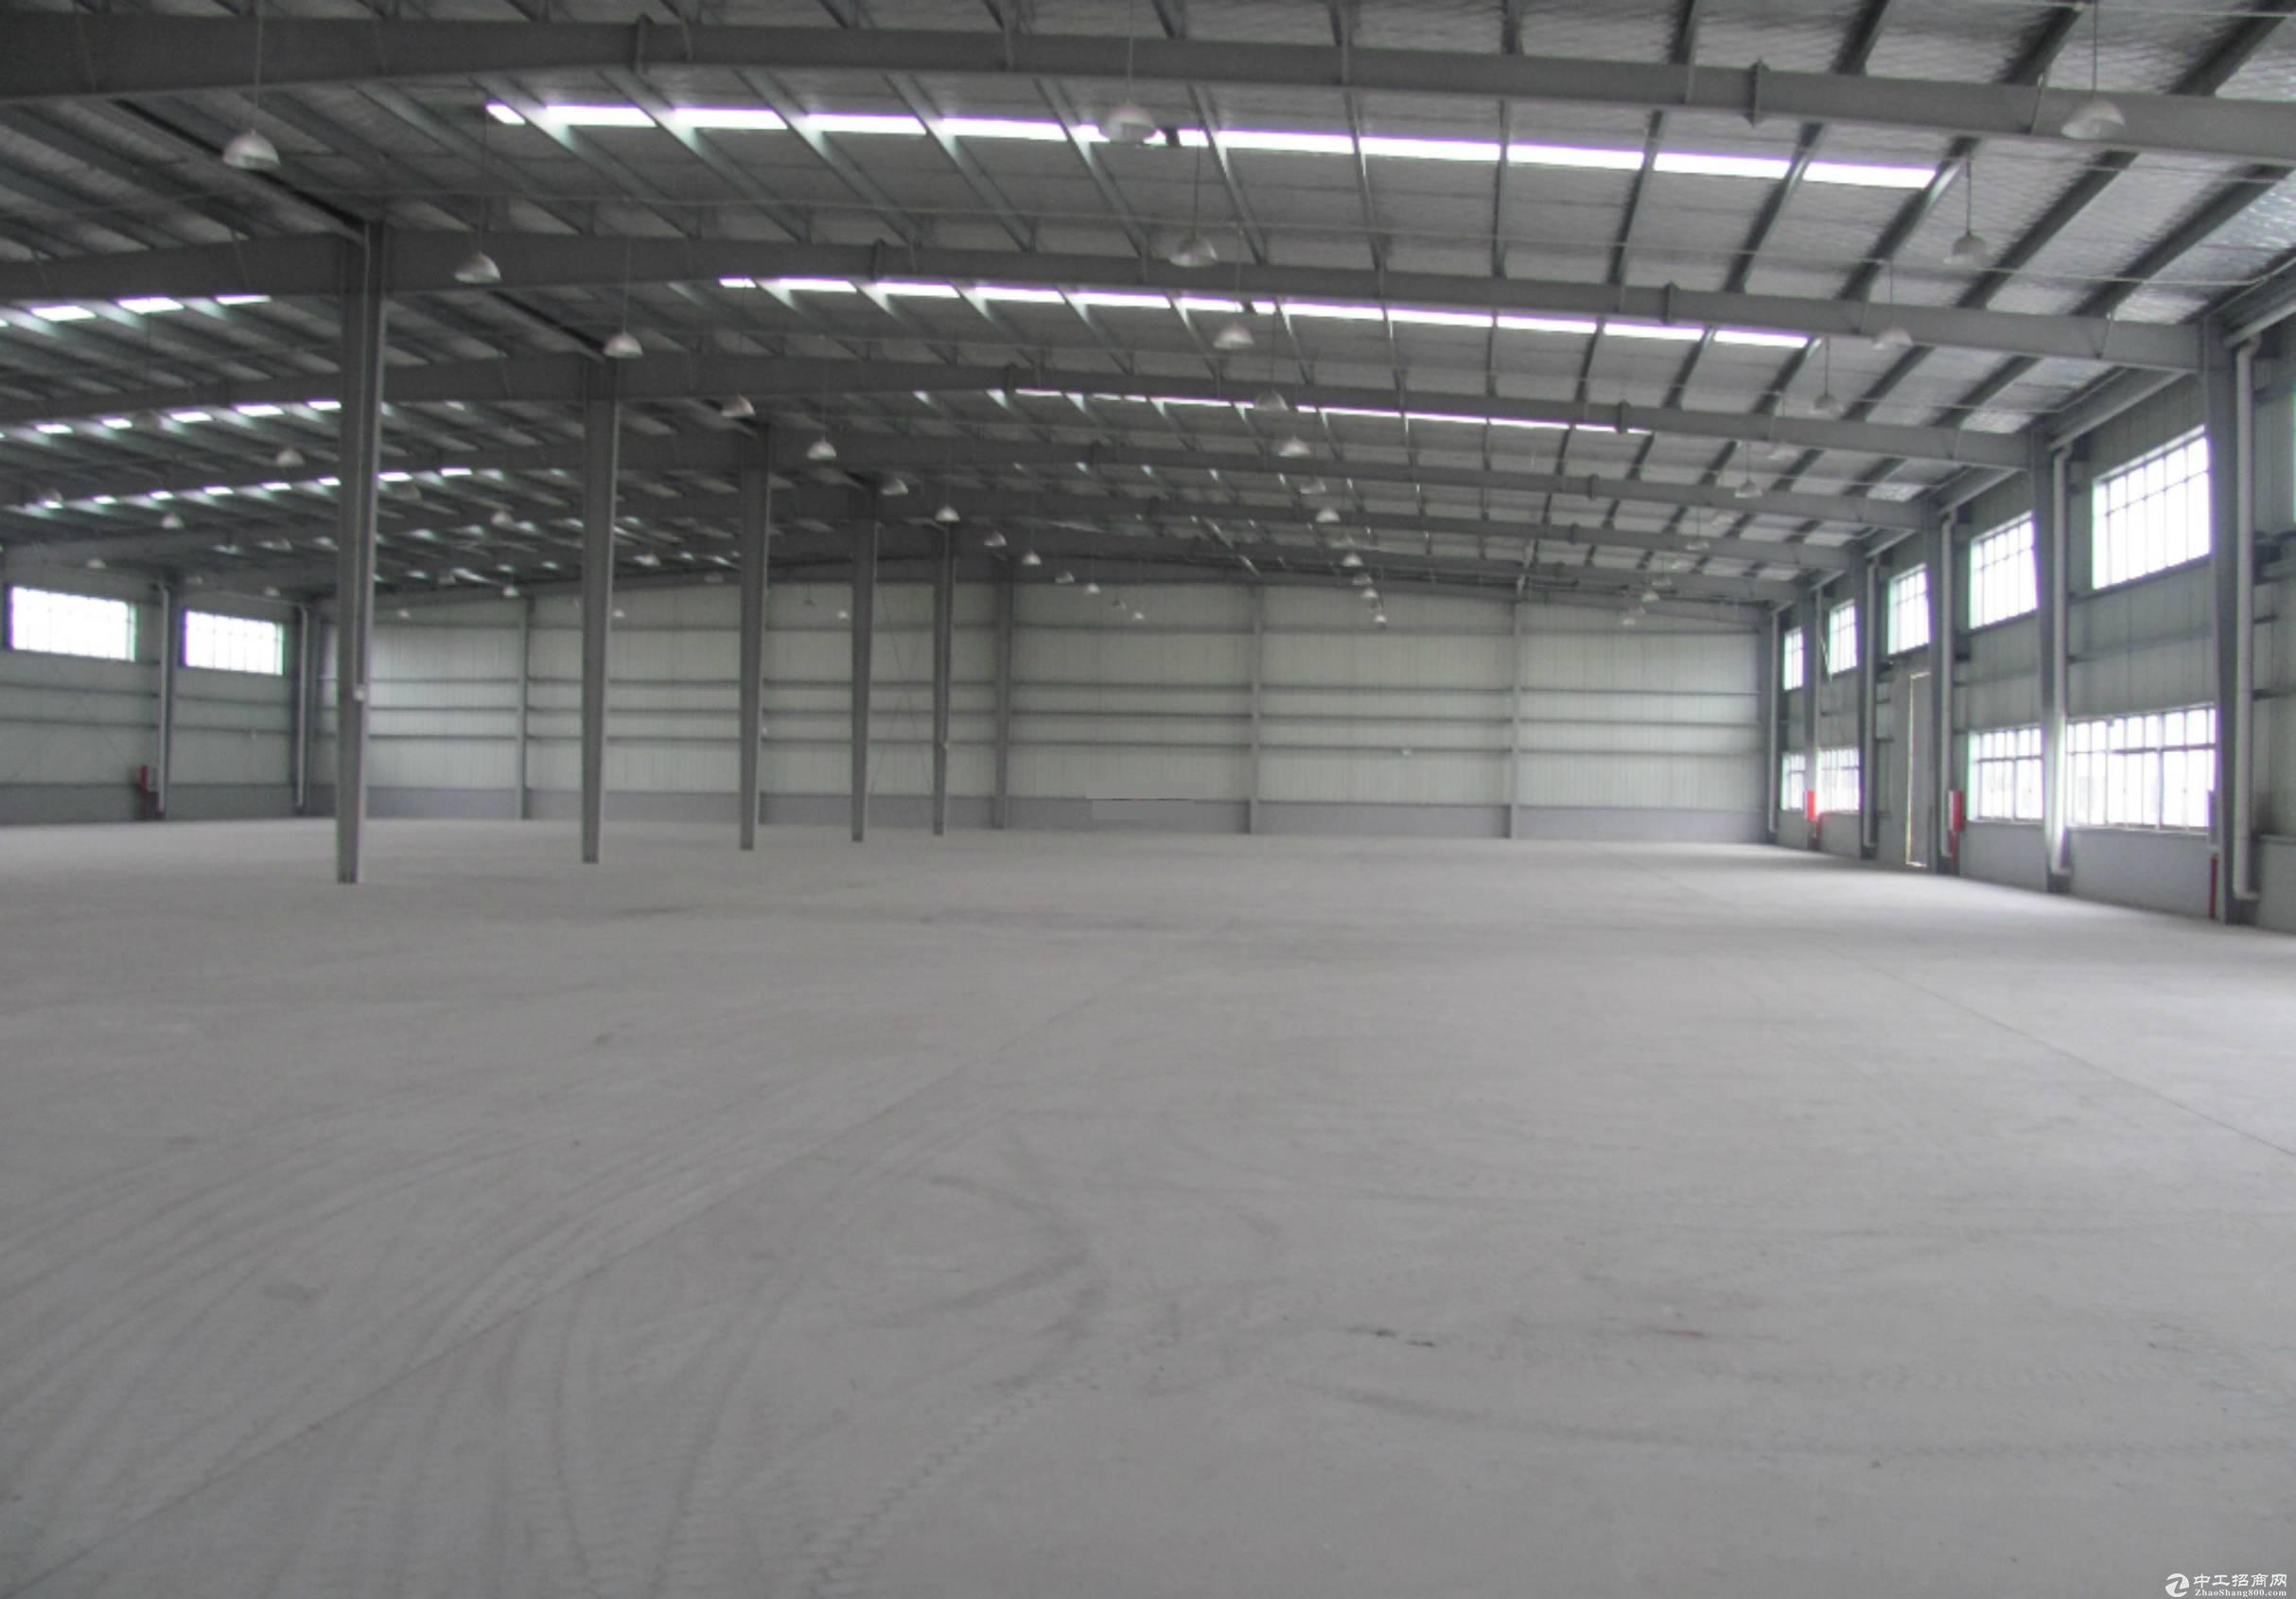 (出租) 红安工业园40000平钢构厂房出租,配套住宿、办公-图2